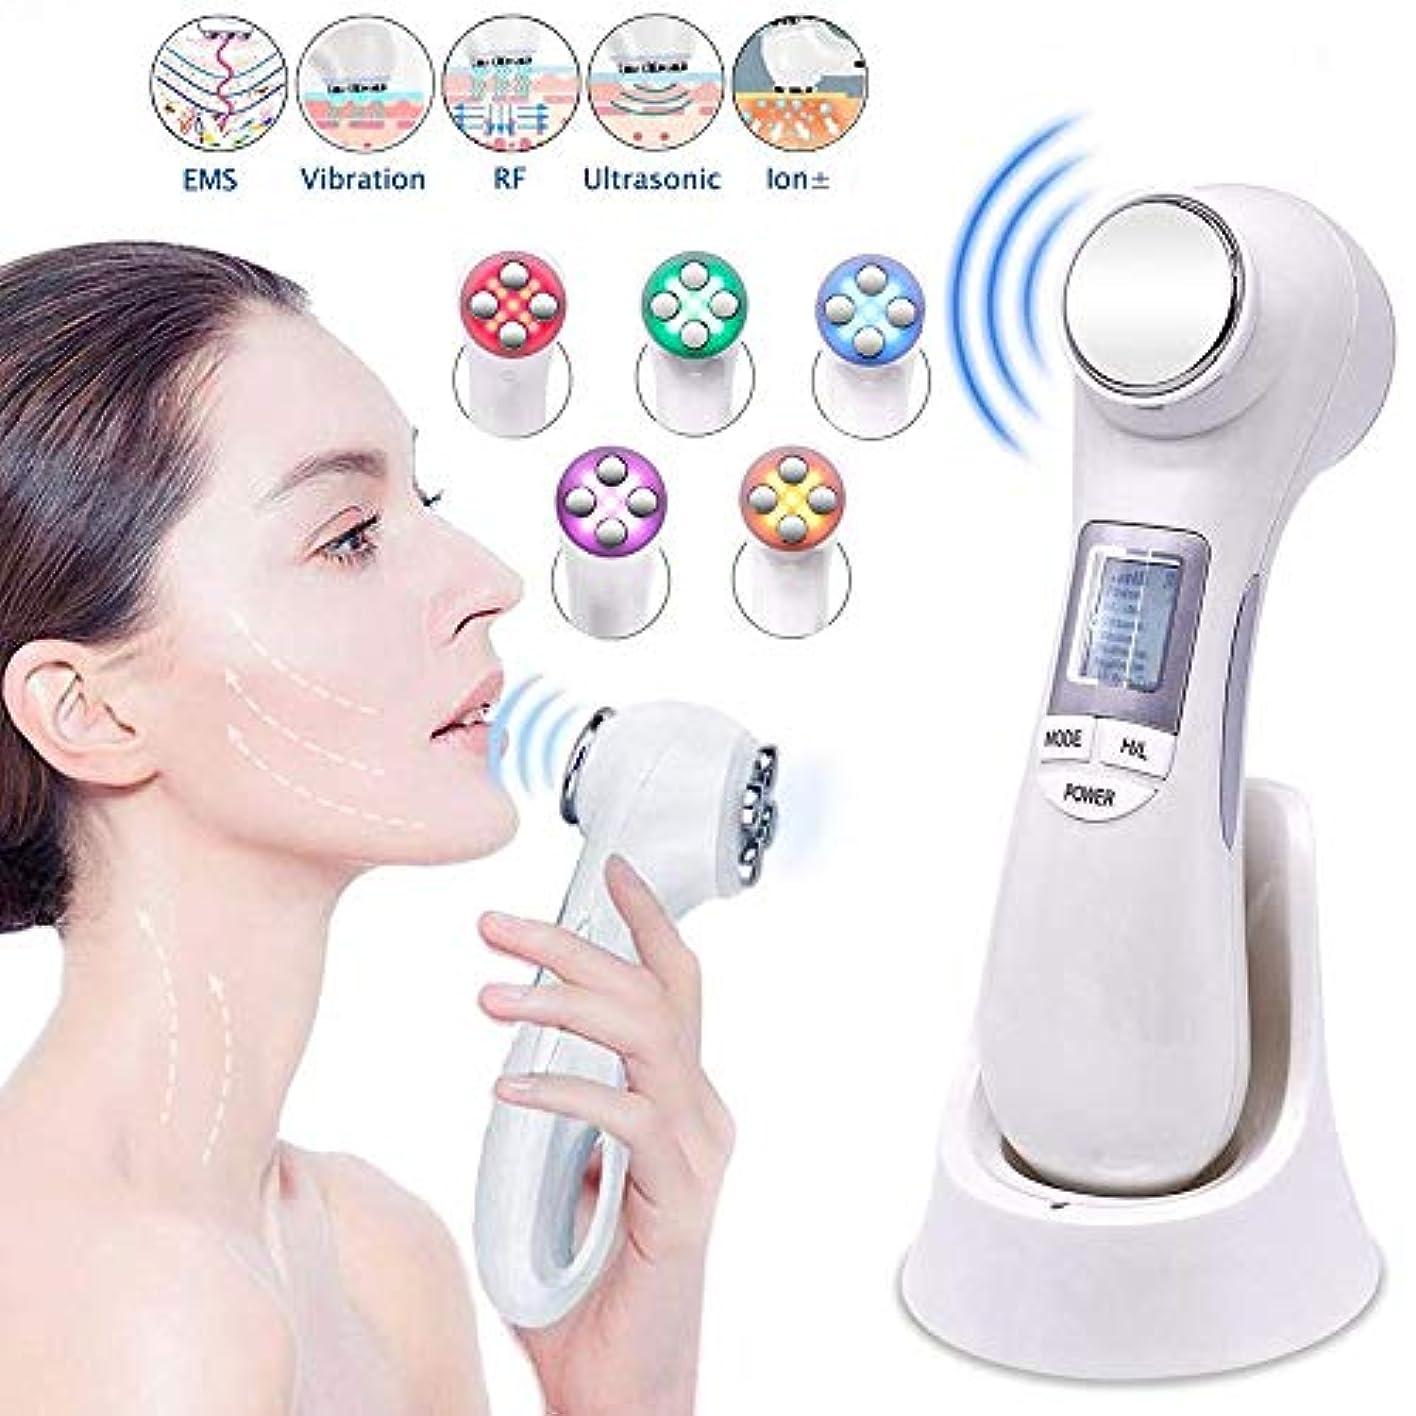 喜び寸前ディプロマスキンケアのための5つの色LEDライト療法が付いている1つの高い出現の顔の持ち上がる機械EMS RFメッセージに付き機械6つをきつく締めること